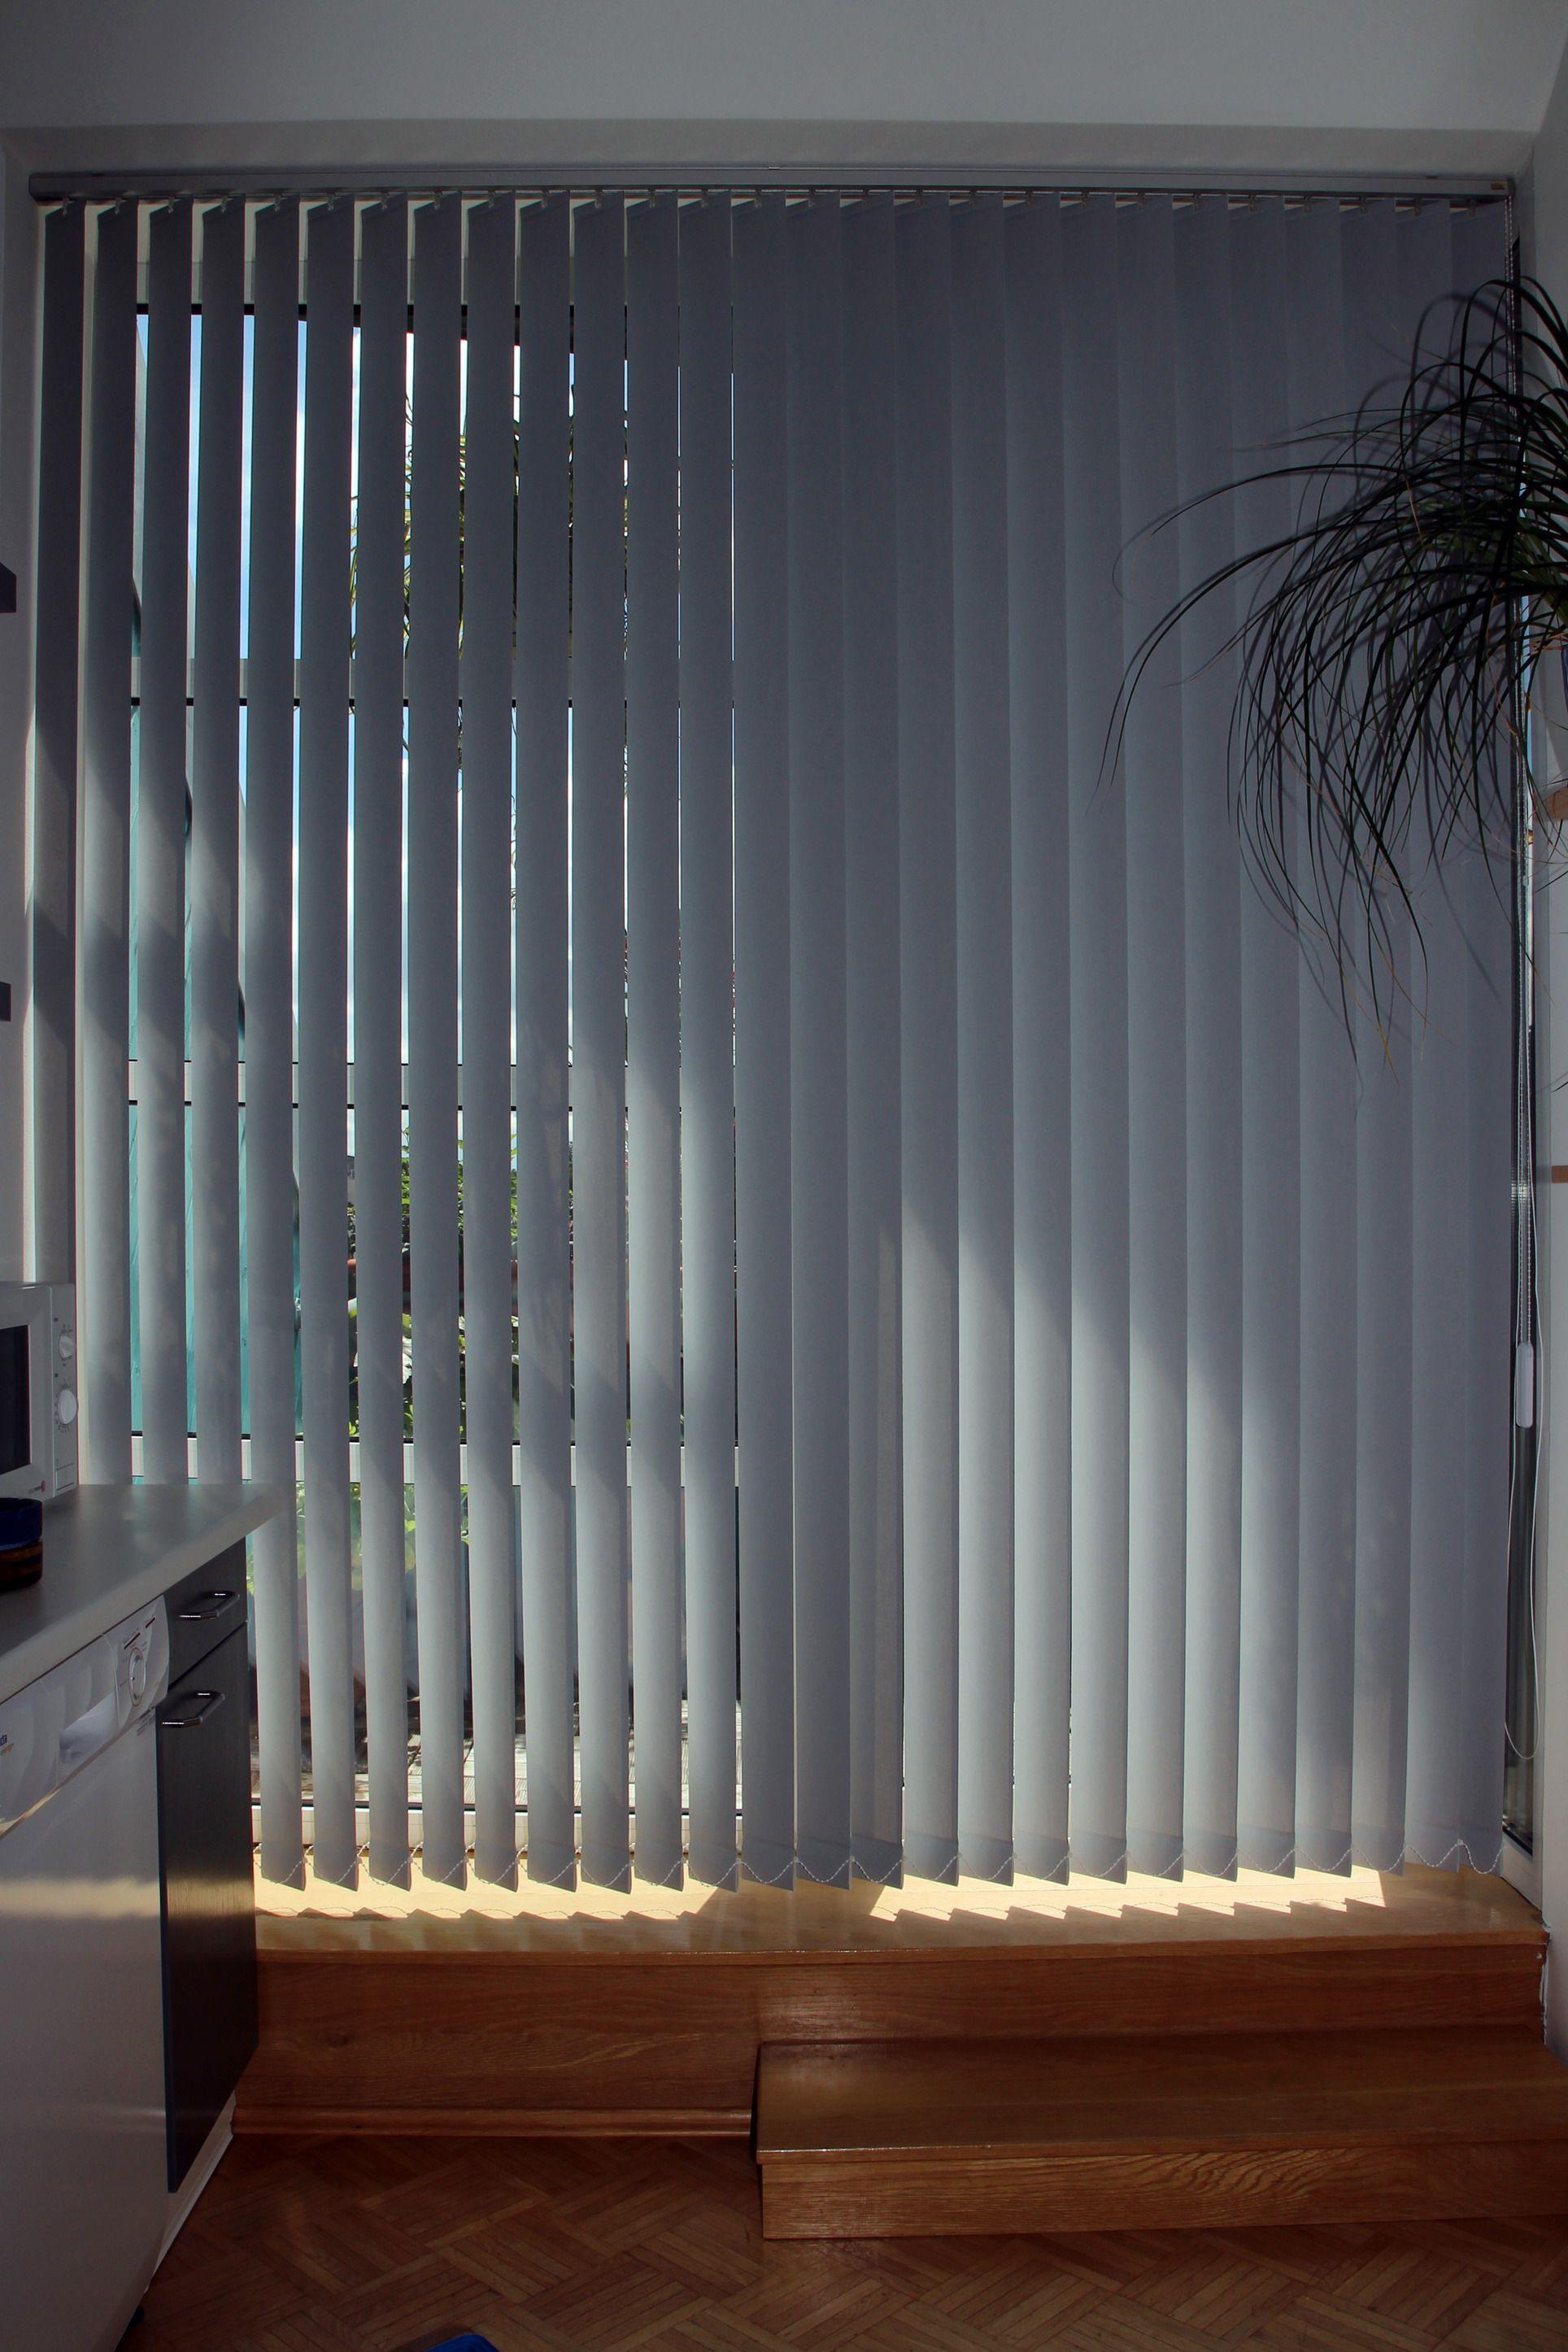 Auch Praktisch Ein Lamellenvorhang An Der Balkontur Der Kuche Lamellen Vorhang Lamellenvorhang Lamellen